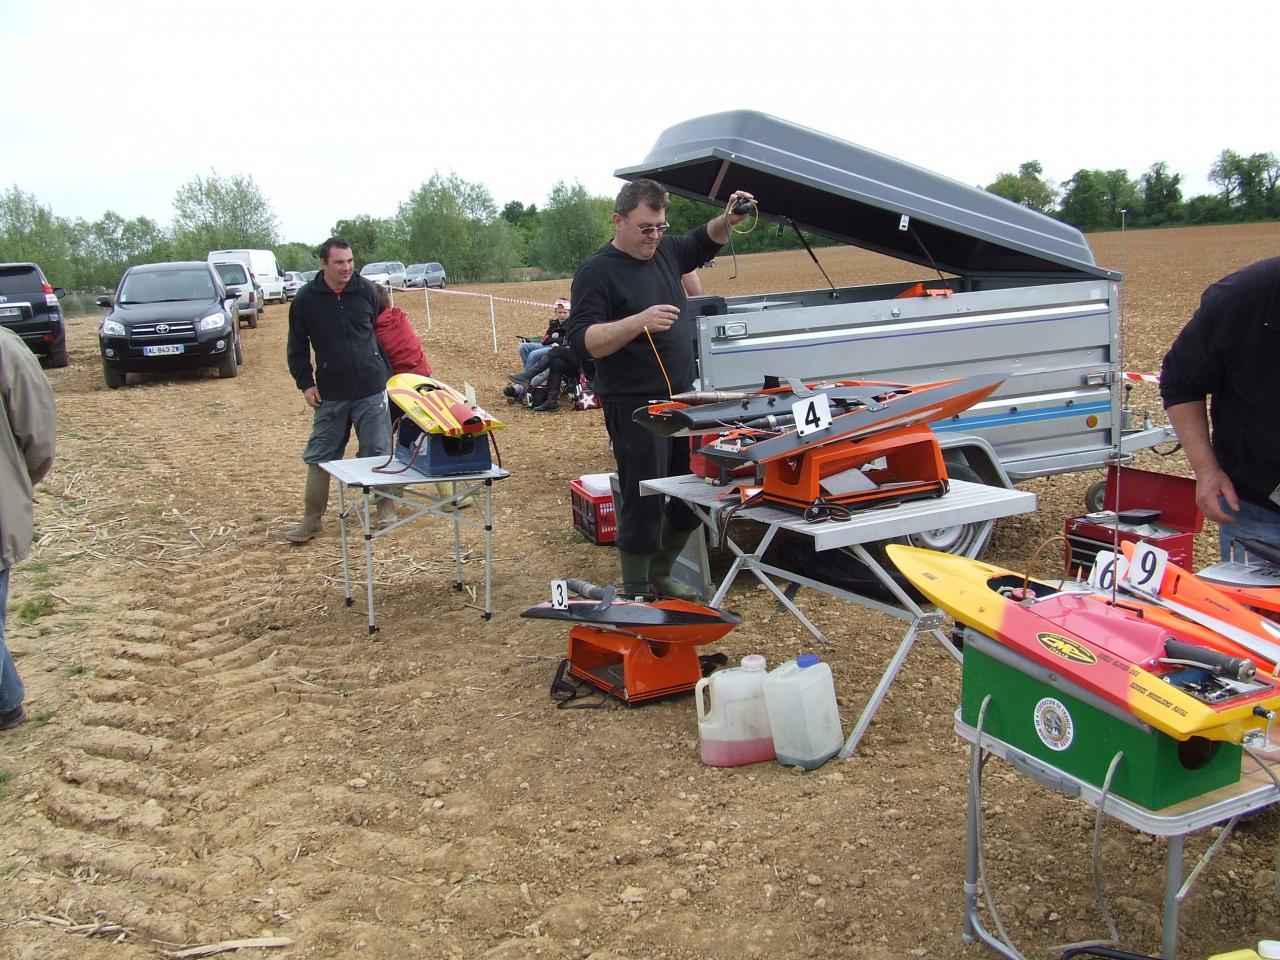 préparation des bateaux avant la manche